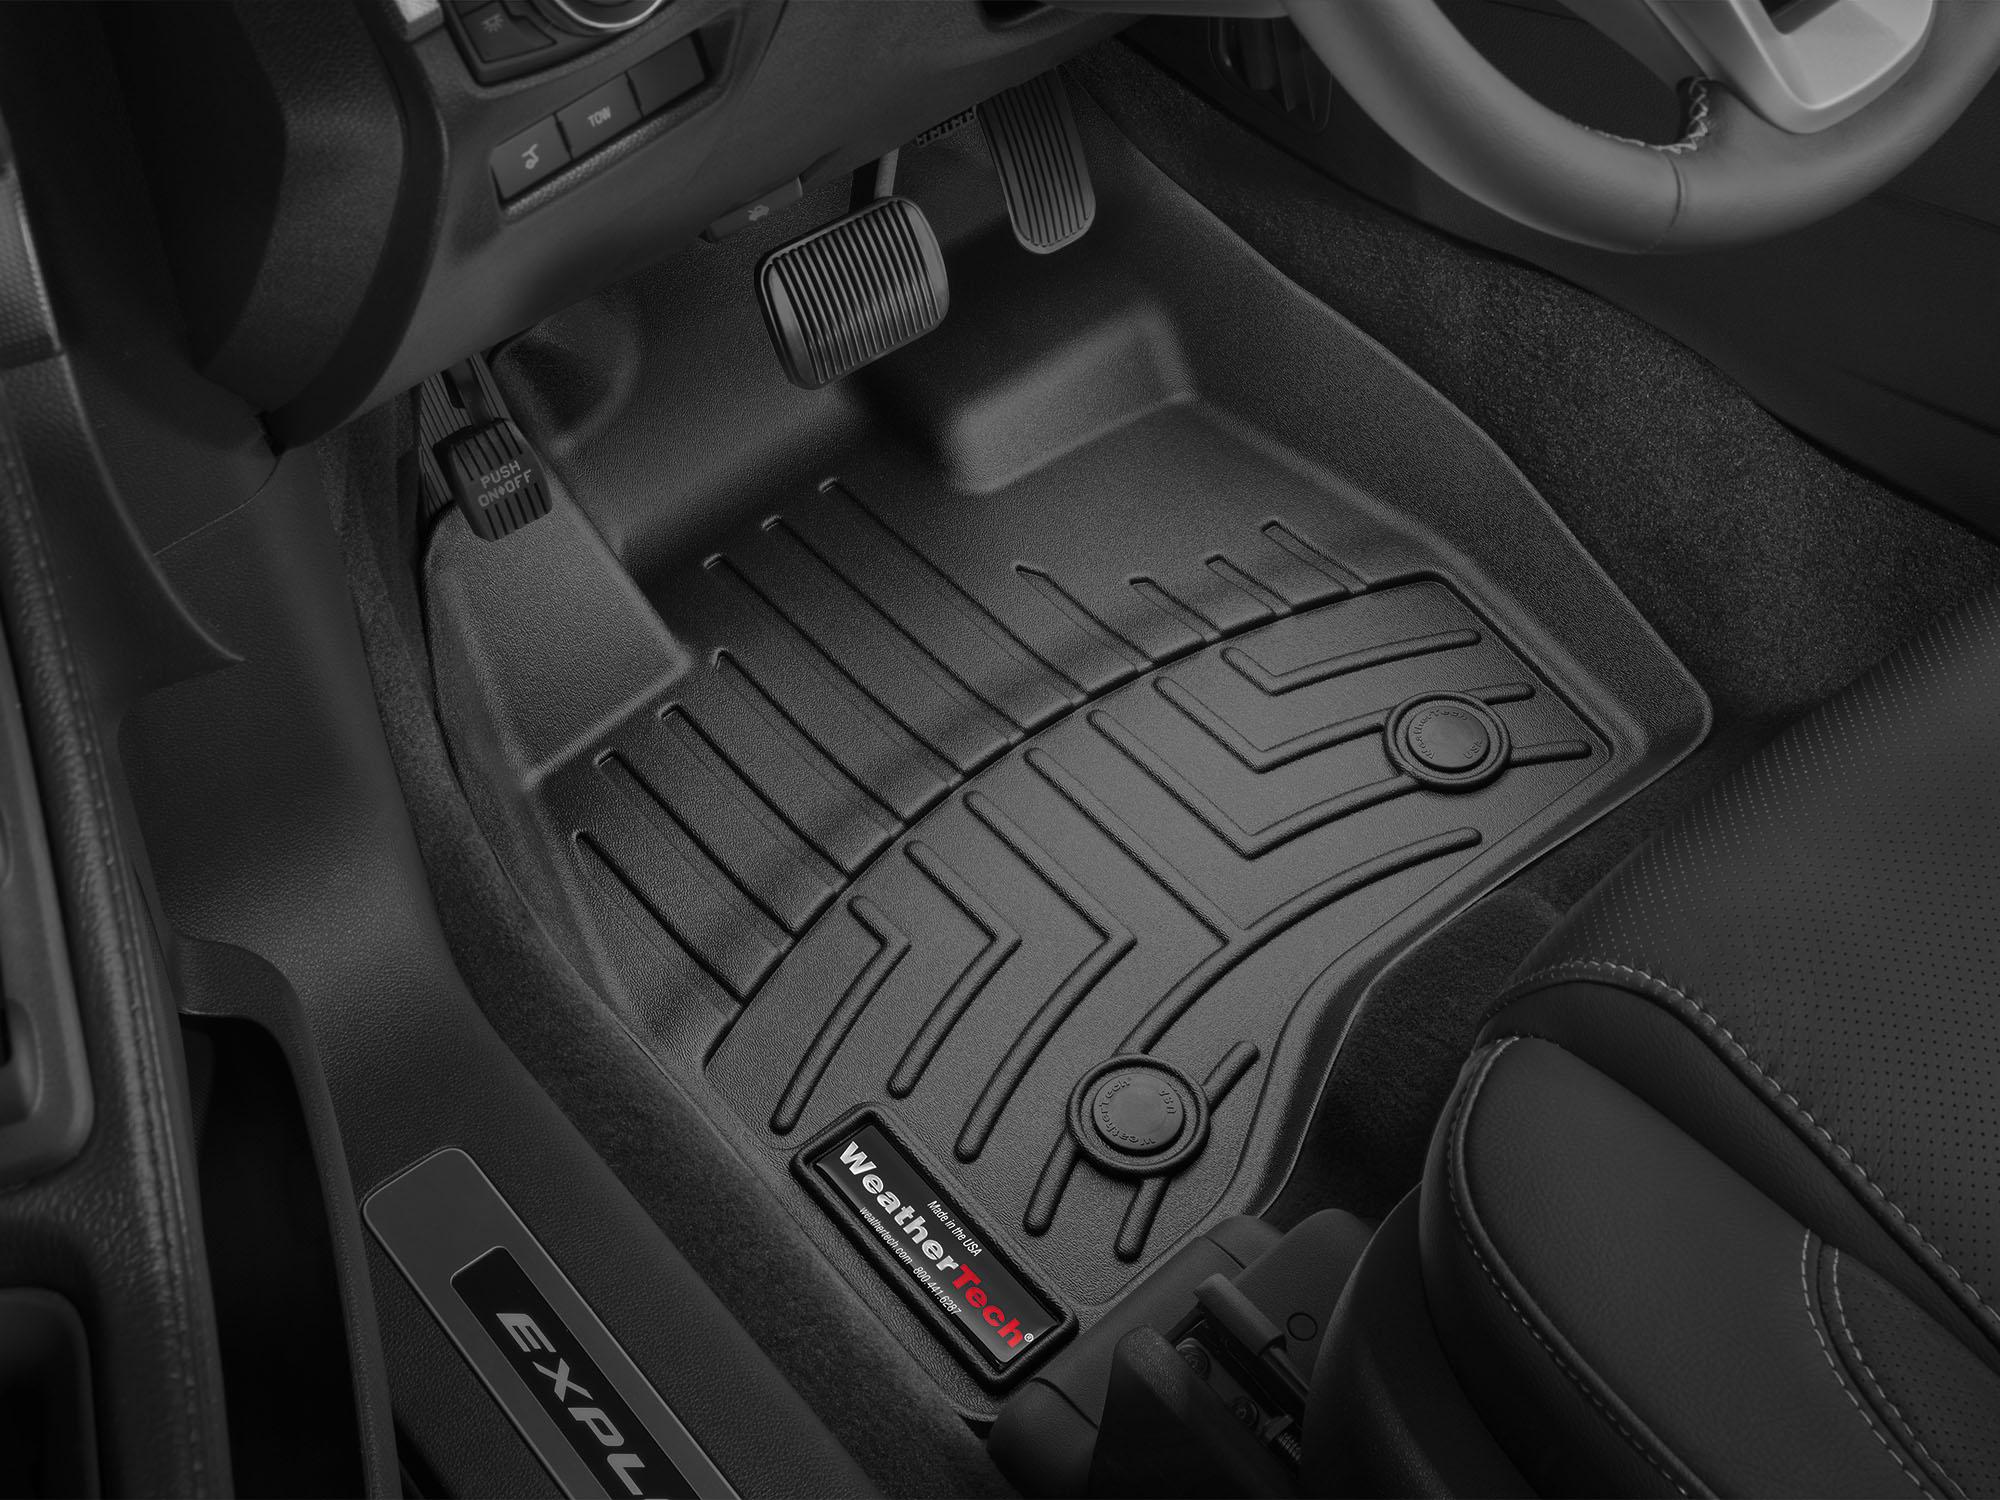 Tappeti gomma su misura bordo alto Ford Explorer 15>16 Nero A881*